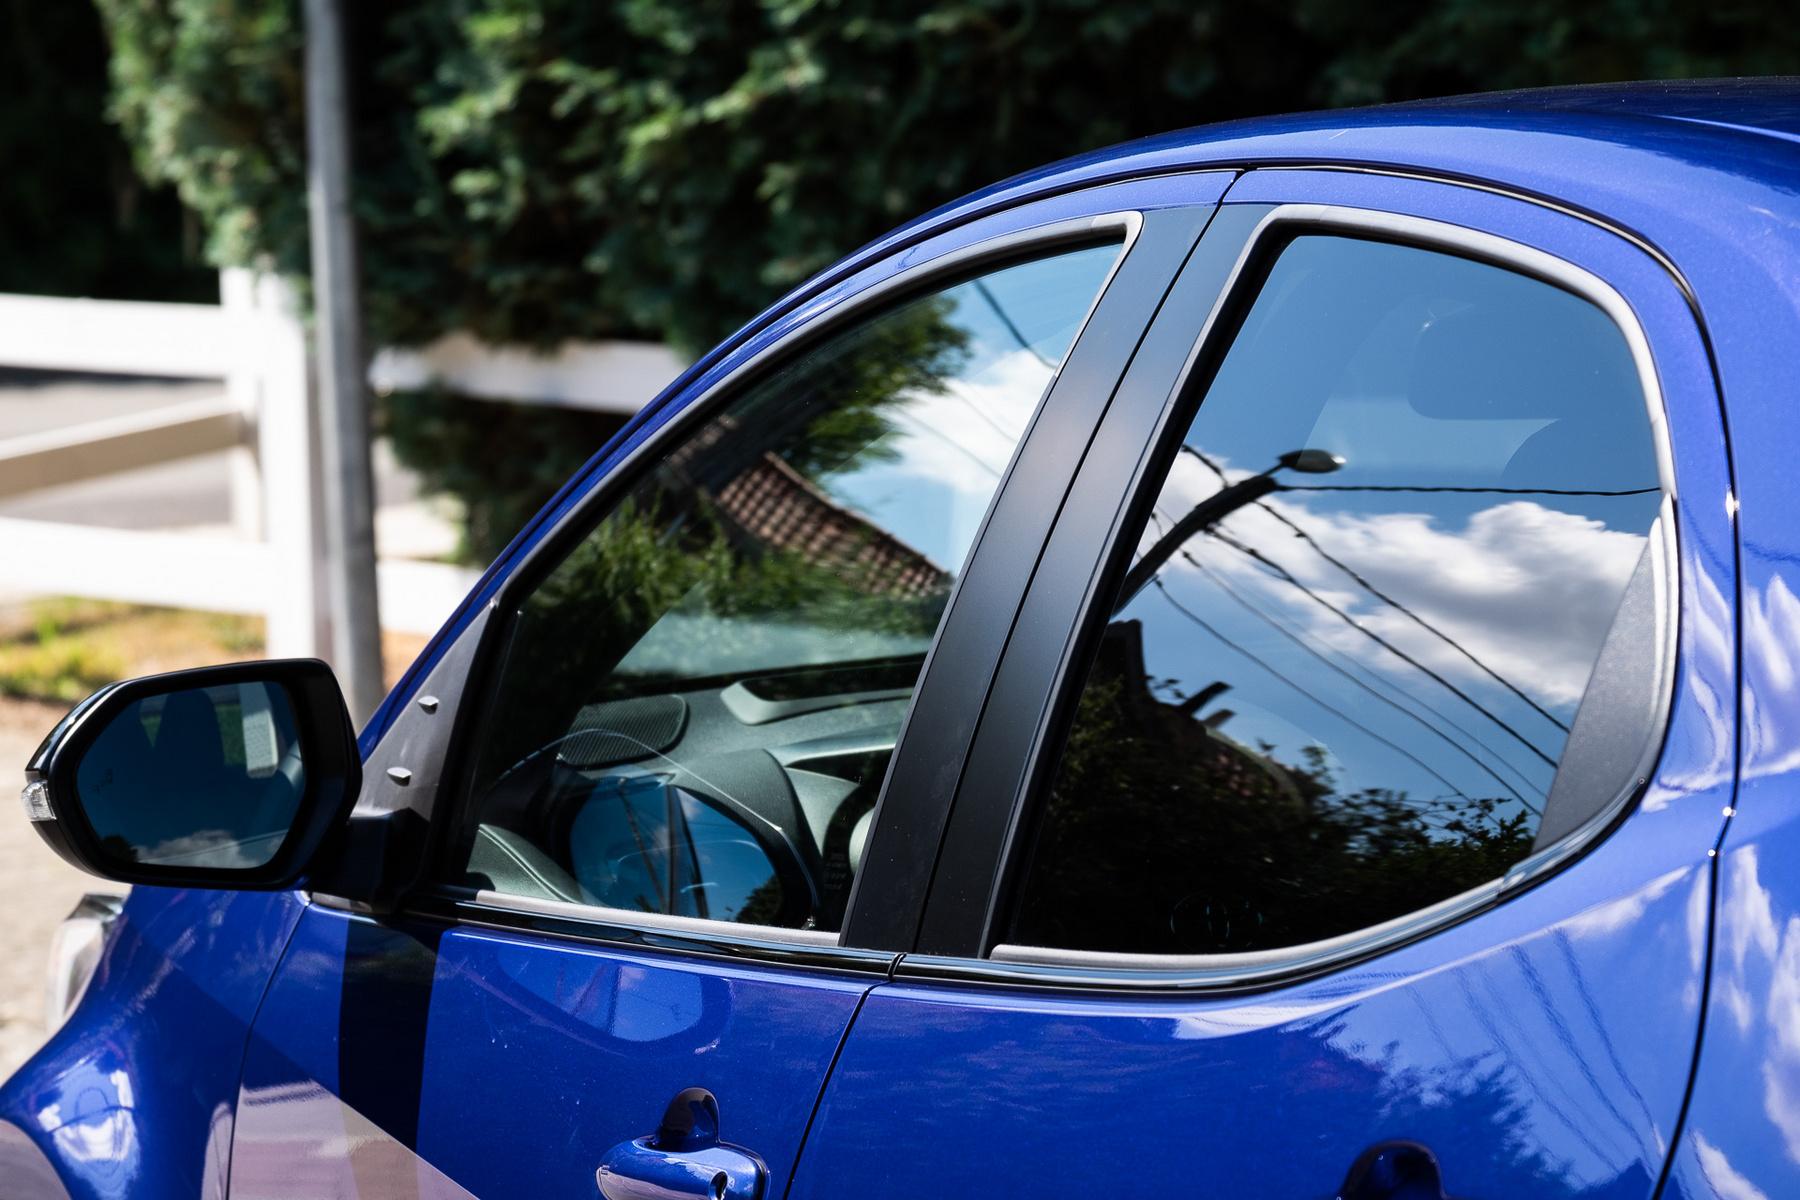 Ennél jobb képet ne várjunk kiskocsiban